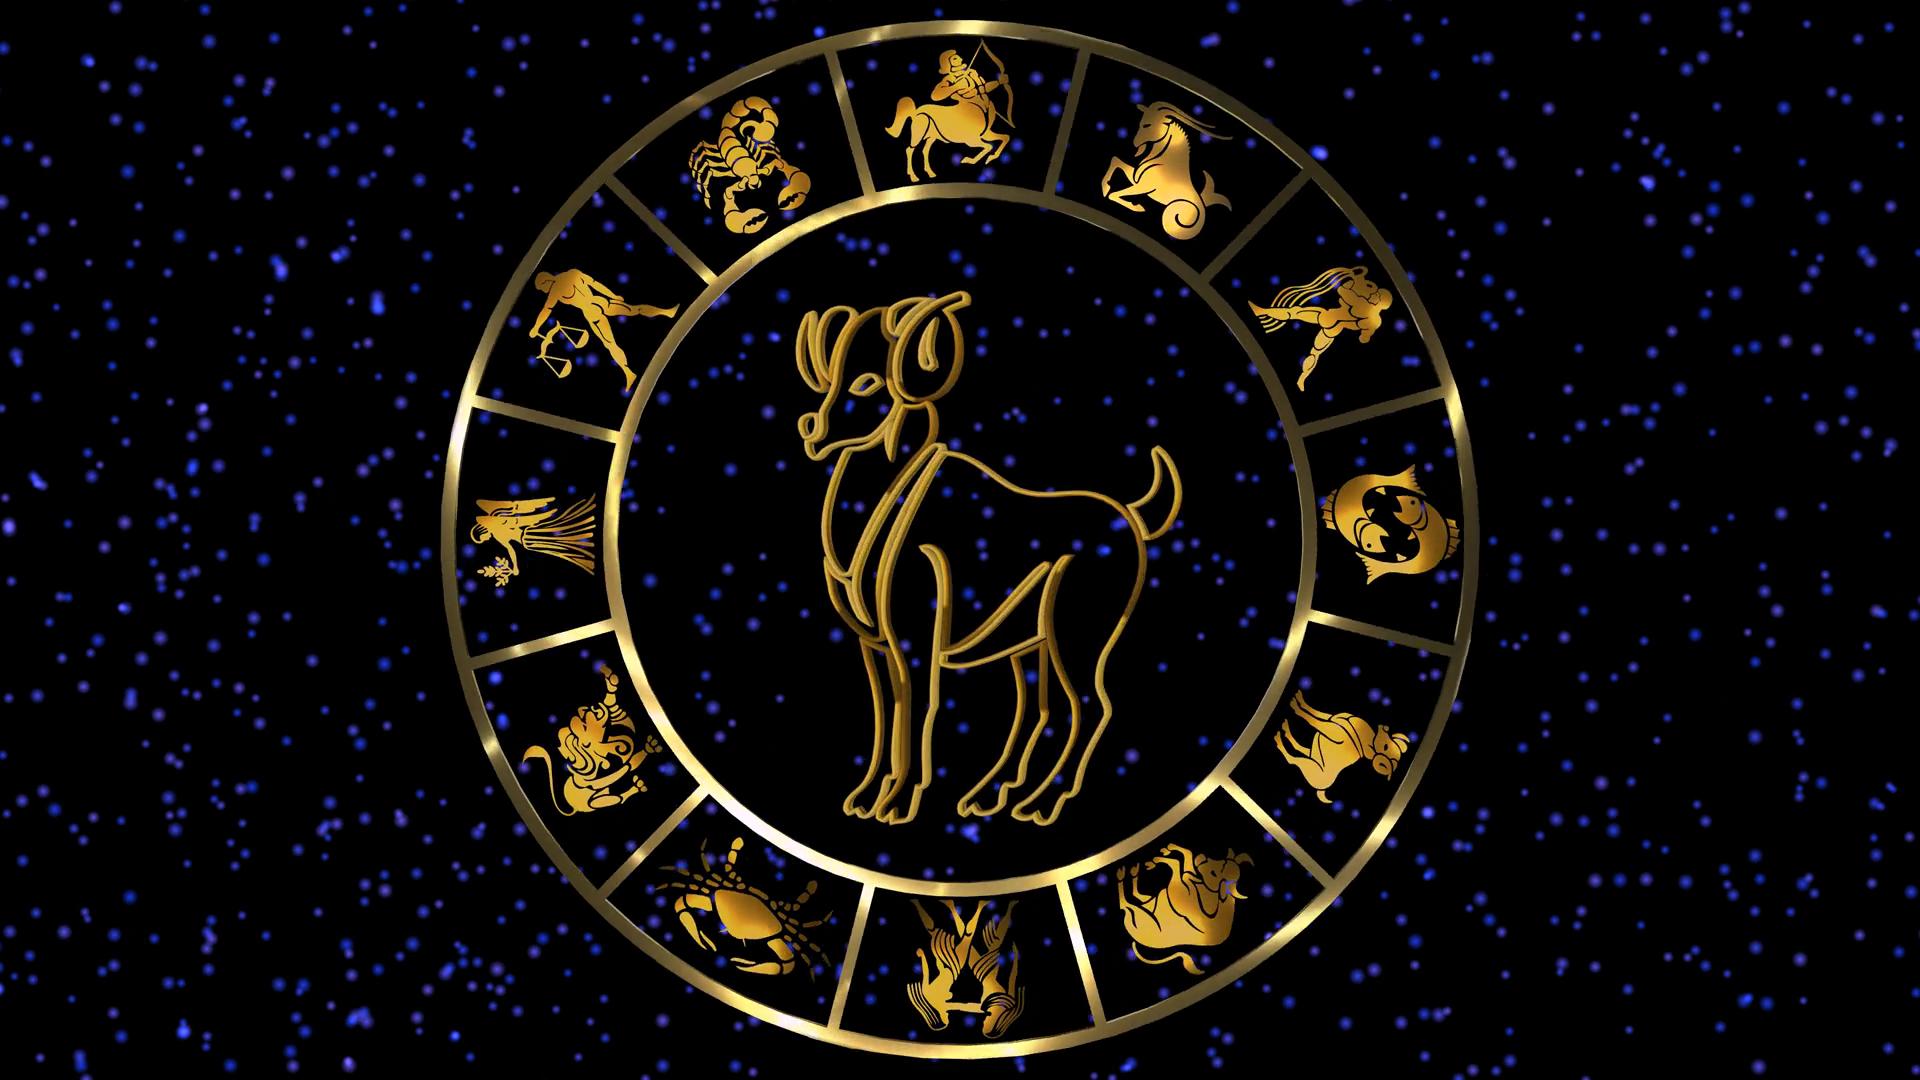 Скорпион: гороскоп работы и карьеры на ноябрь 2020